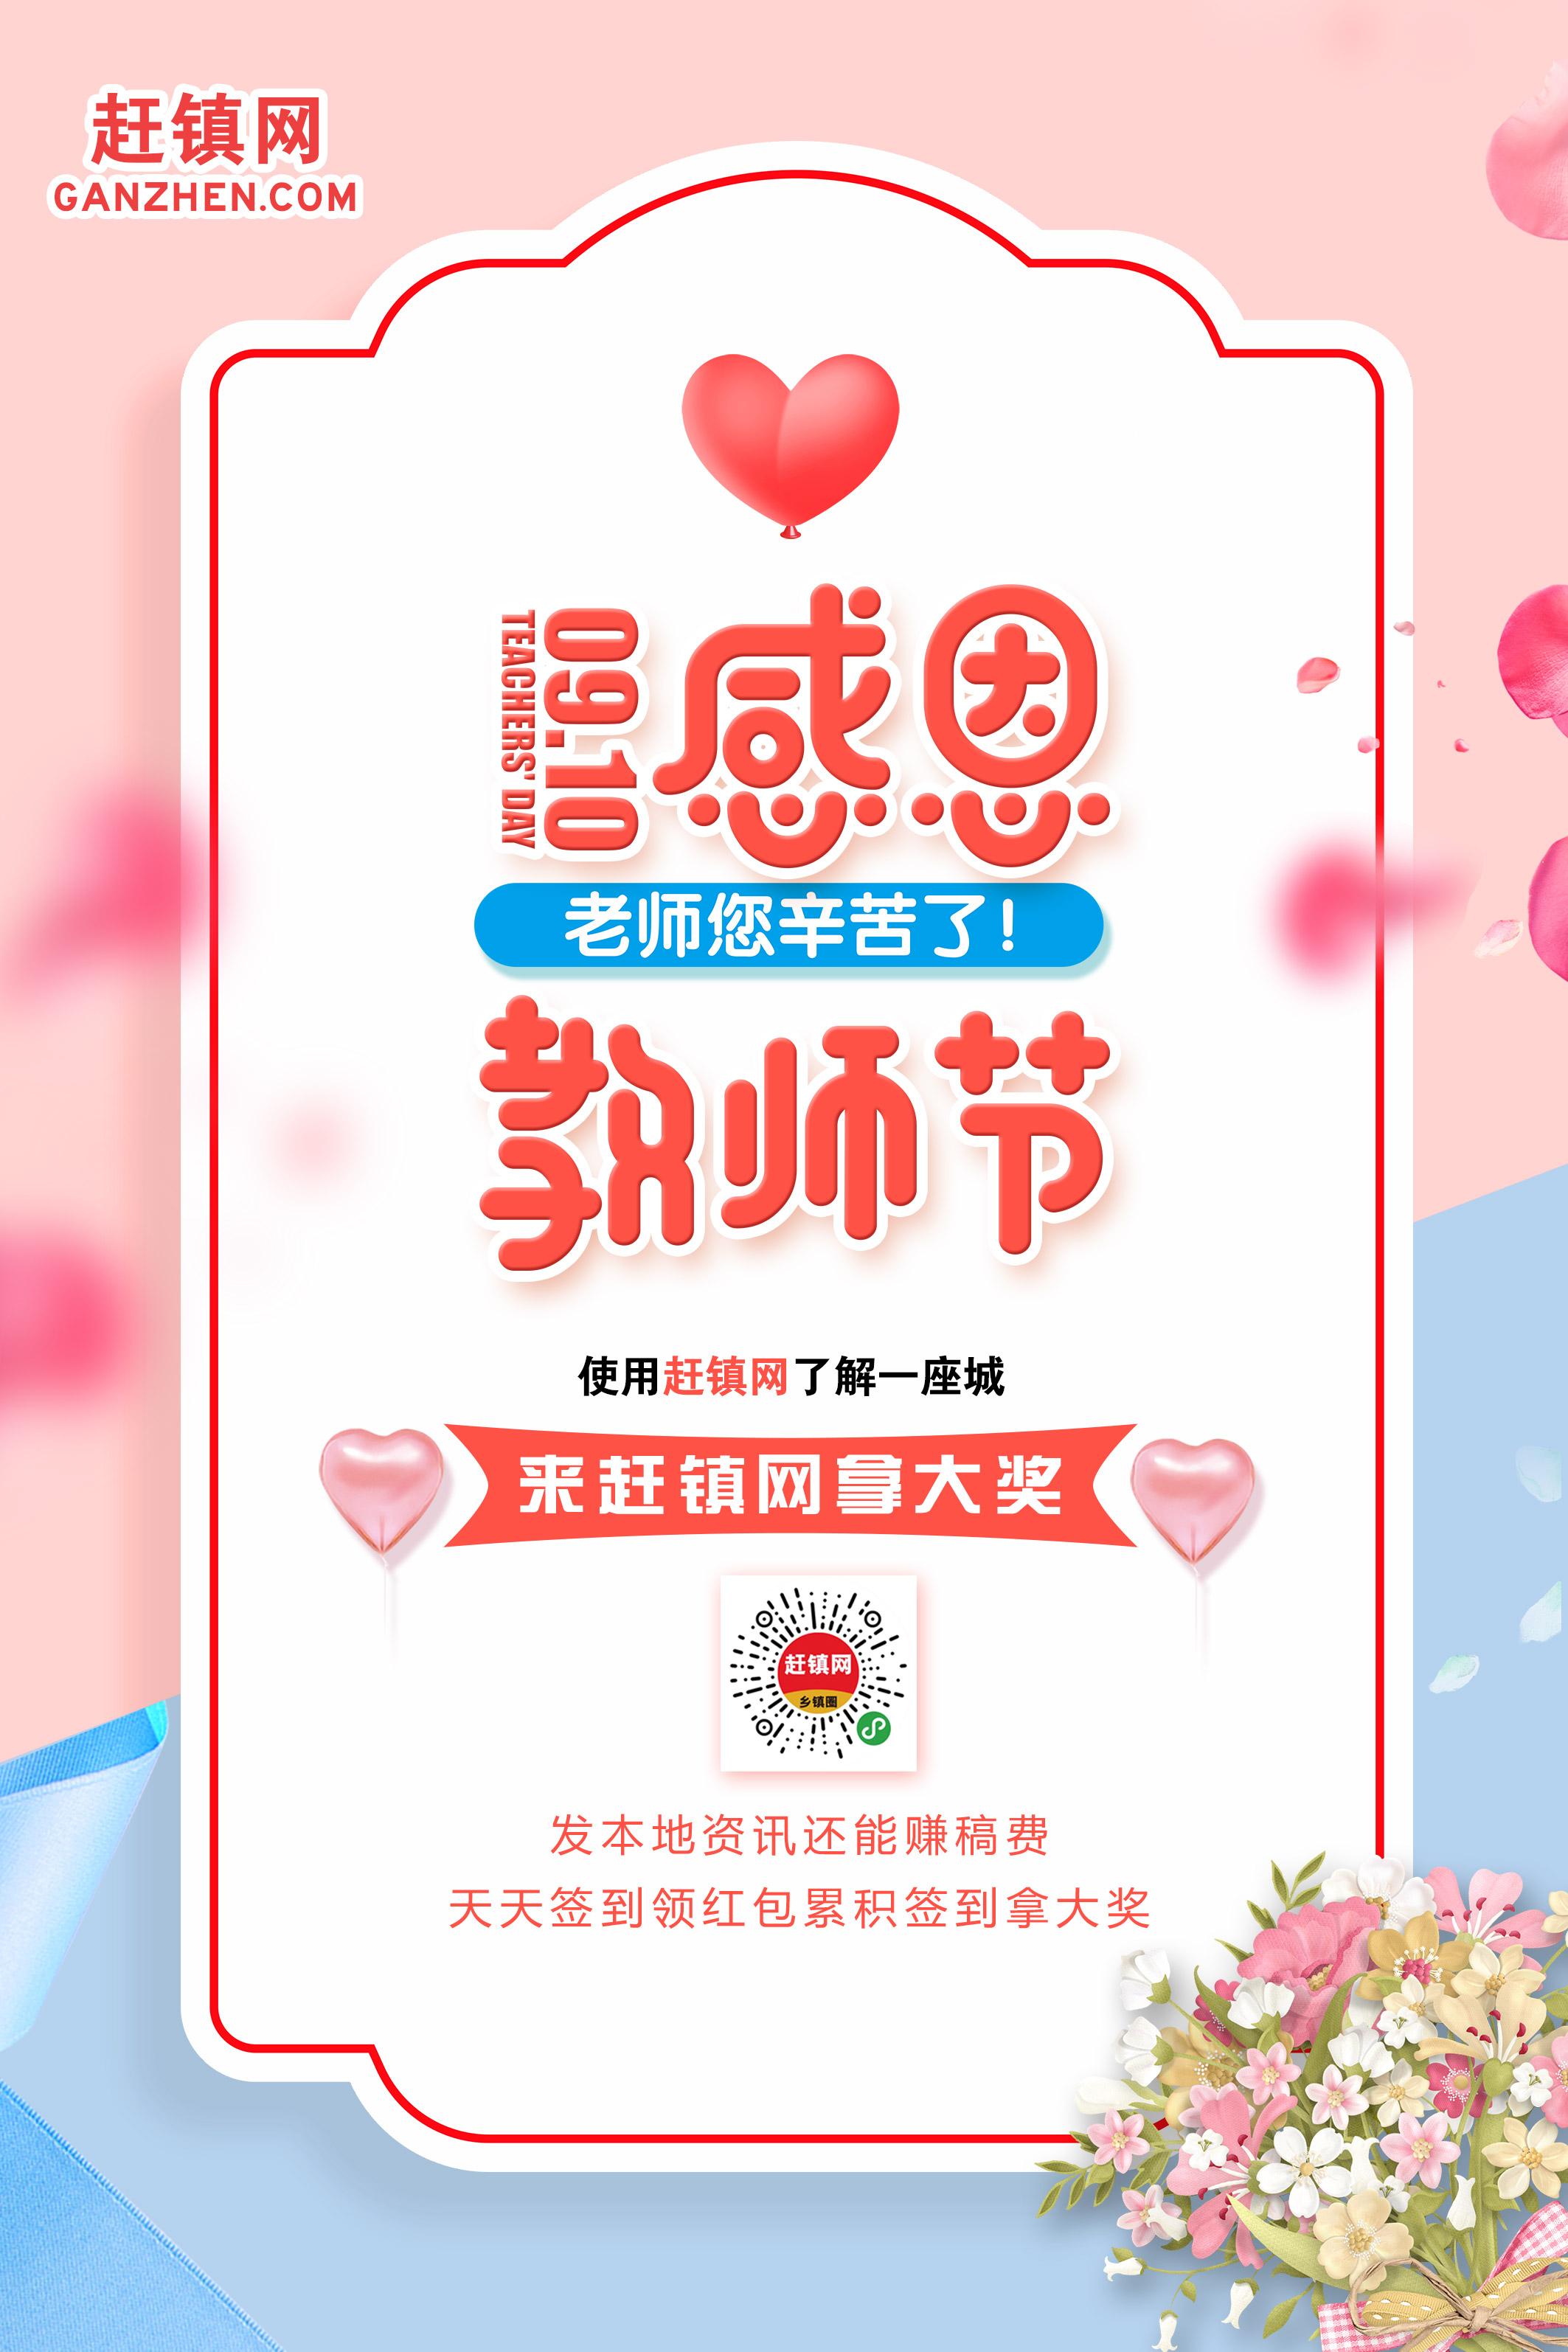 赶镇网教师节专题宣传海报